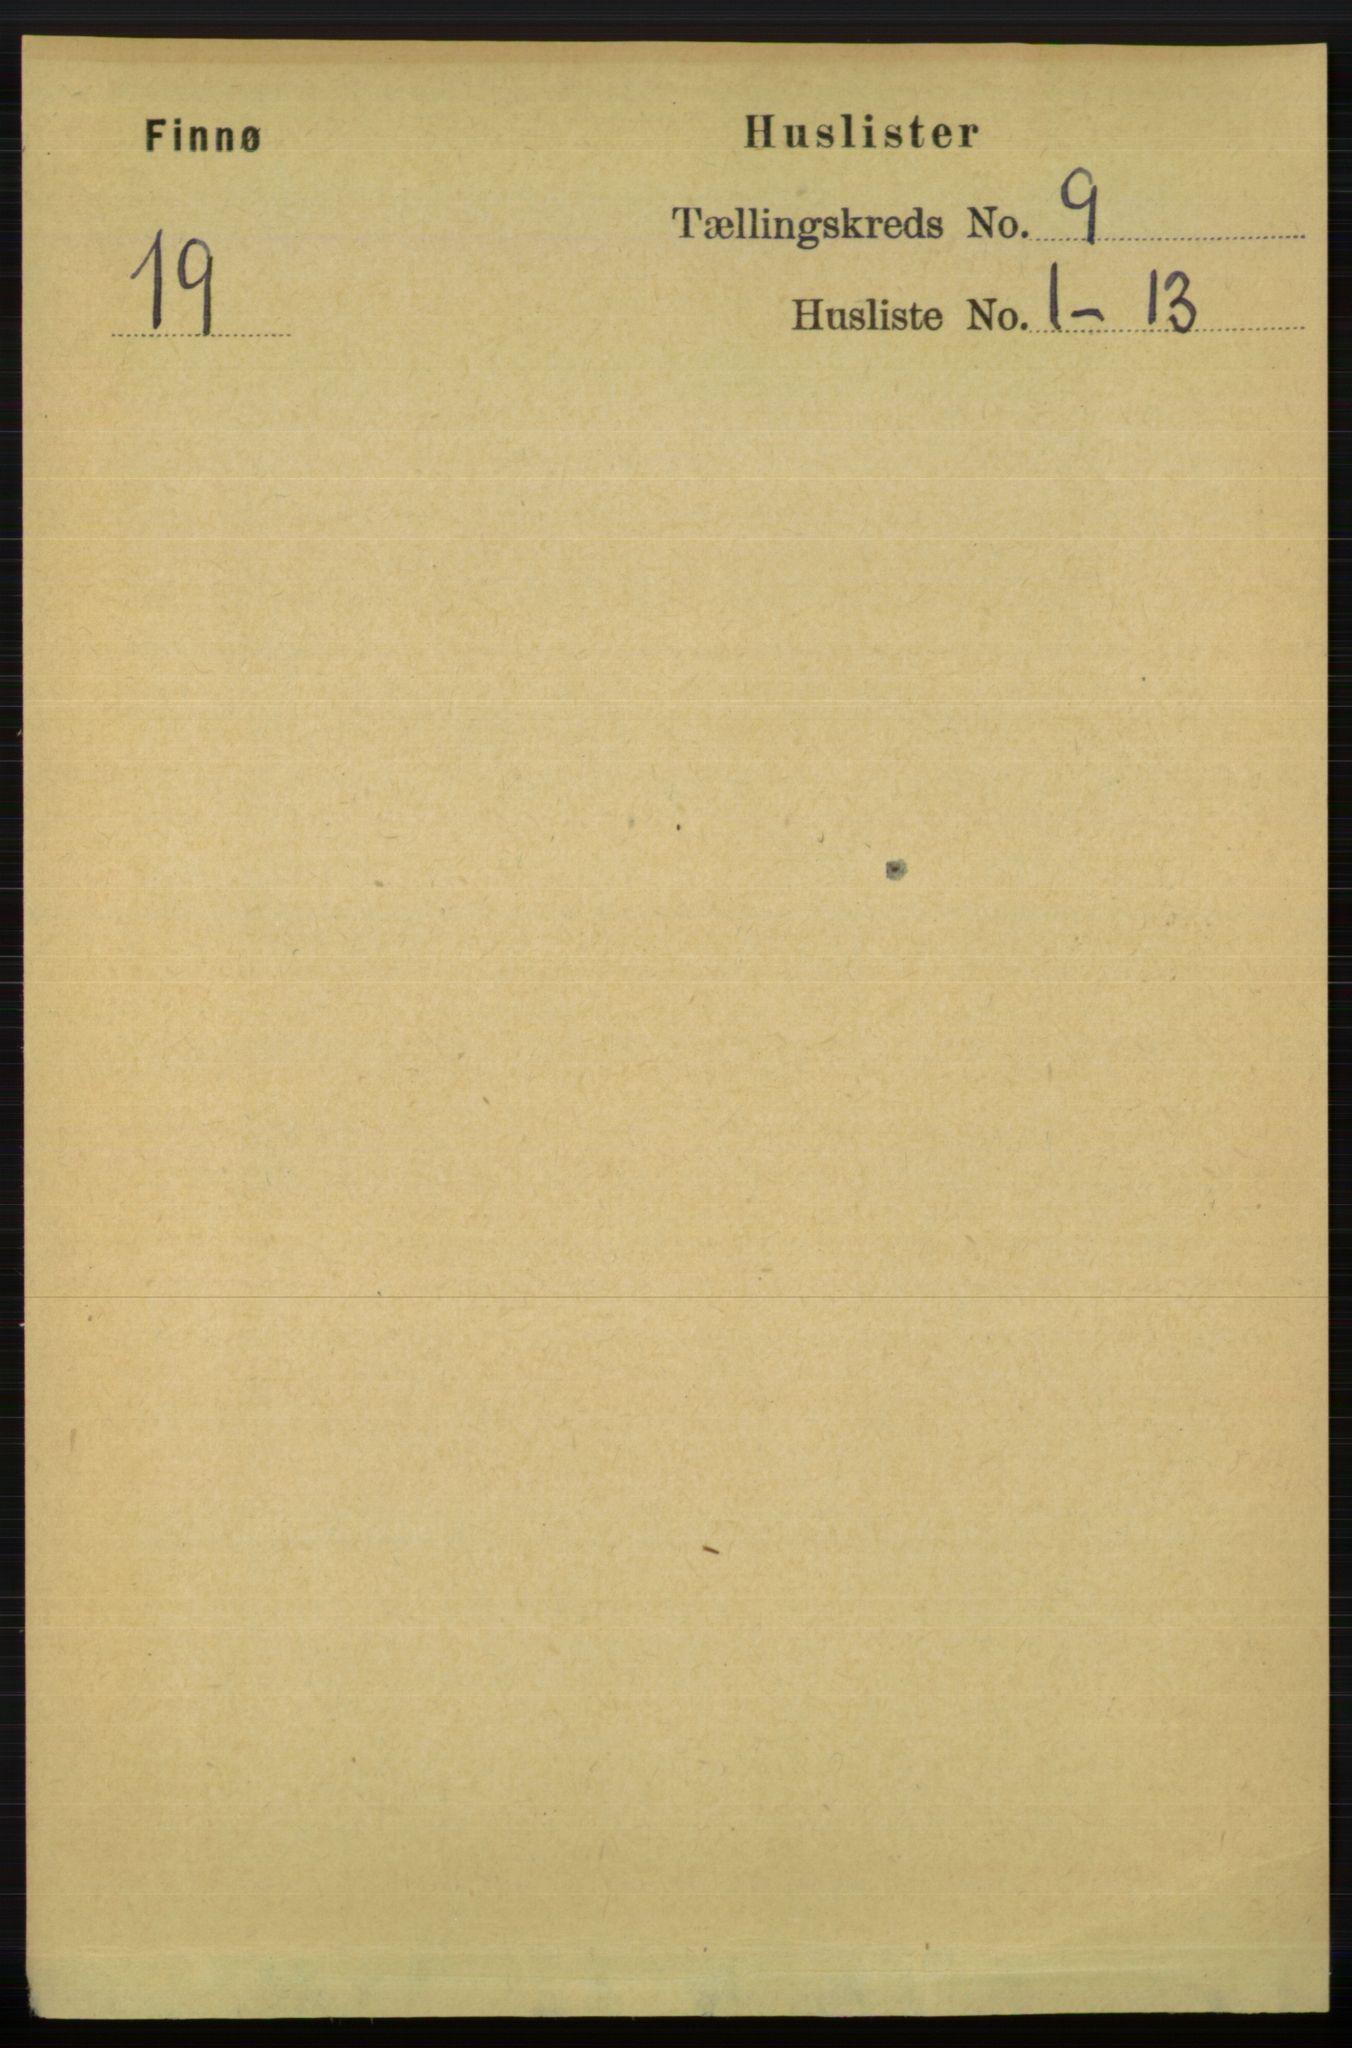 RA, Folketelling 1891 for 1141 Finnøy herred, 1891, s. 1847